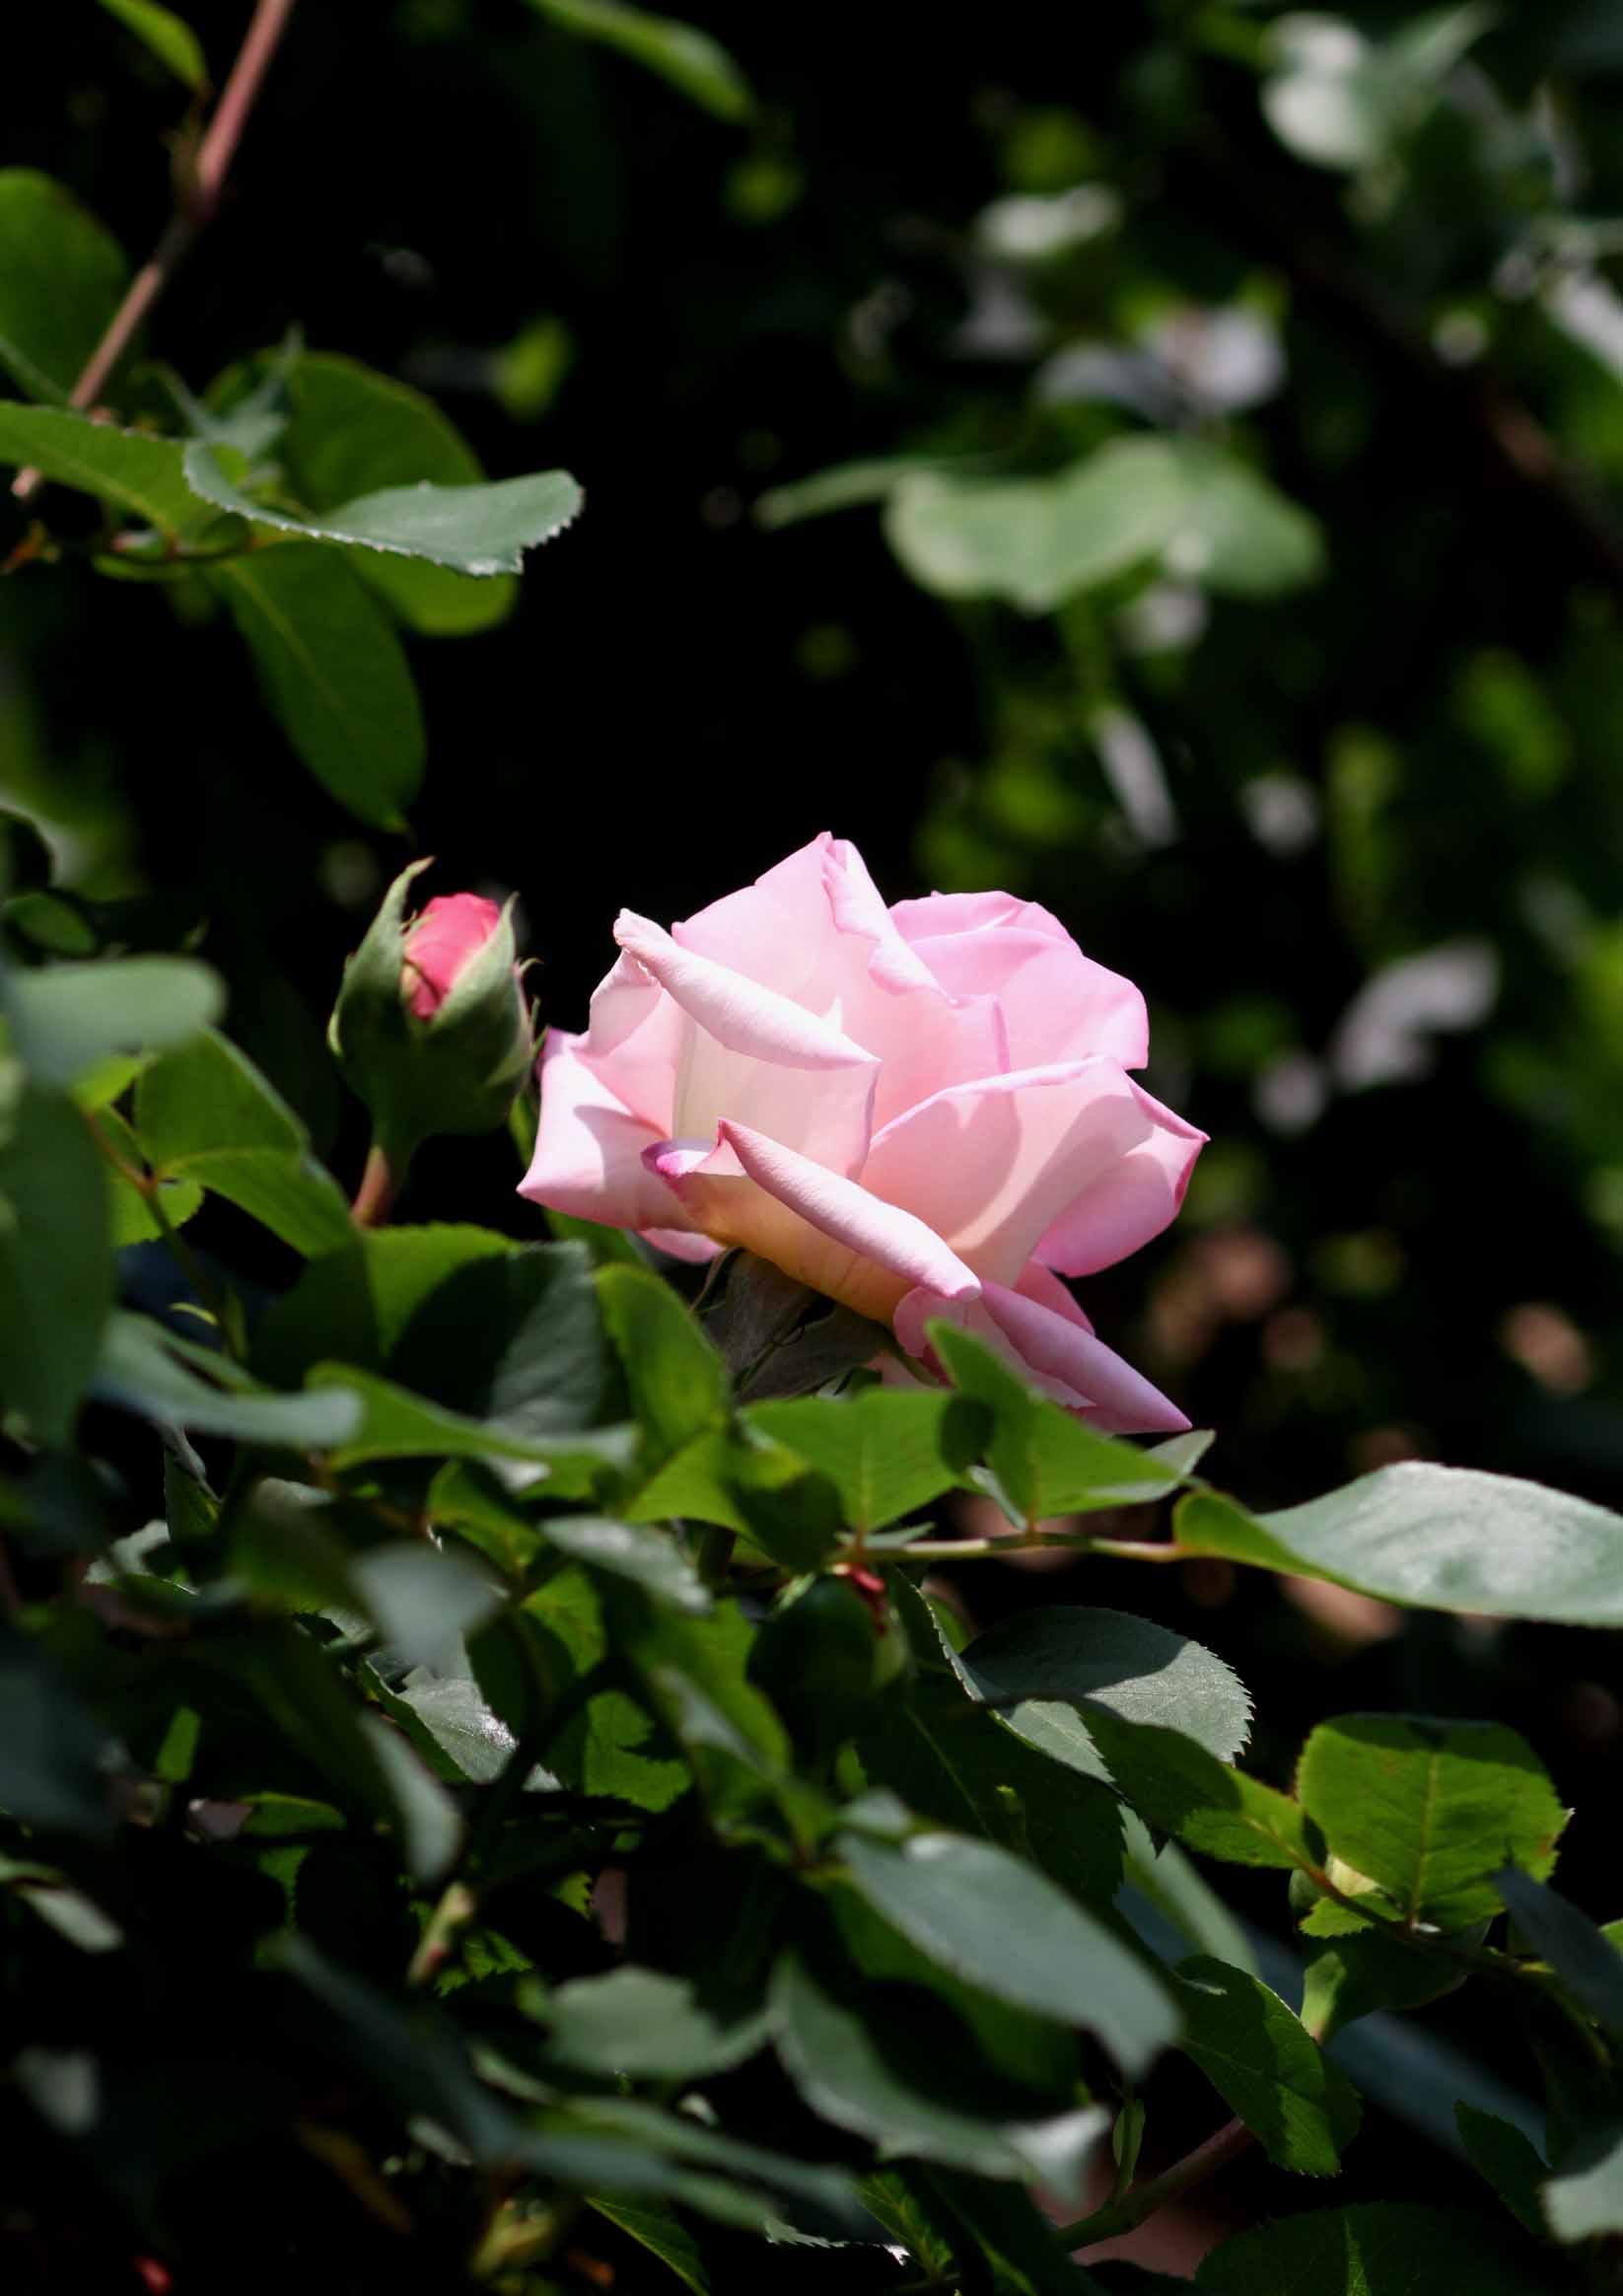 バラの花と蕾 0415(3)